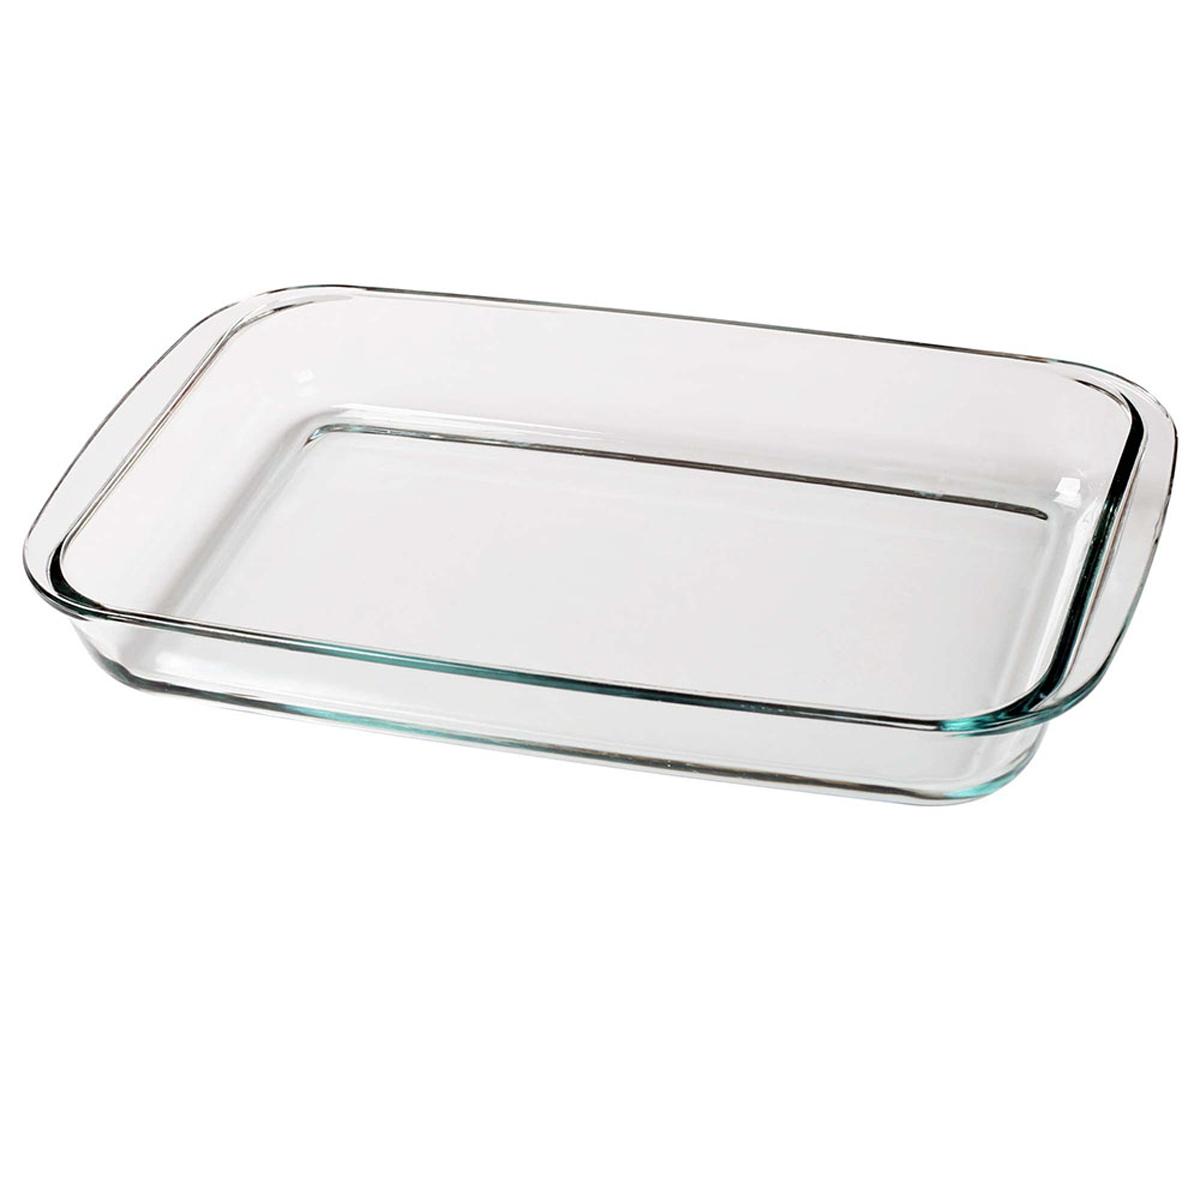 Прямоугольная форма для запекания объемом 2,4 л изготовлена из термостойкого и экологически чистого стекла. Изделие применяется для приготовления пищи в духовке, жарочном шкафу и микроволновой печи. Пригодно для хранения и замораживания различных продуктов.